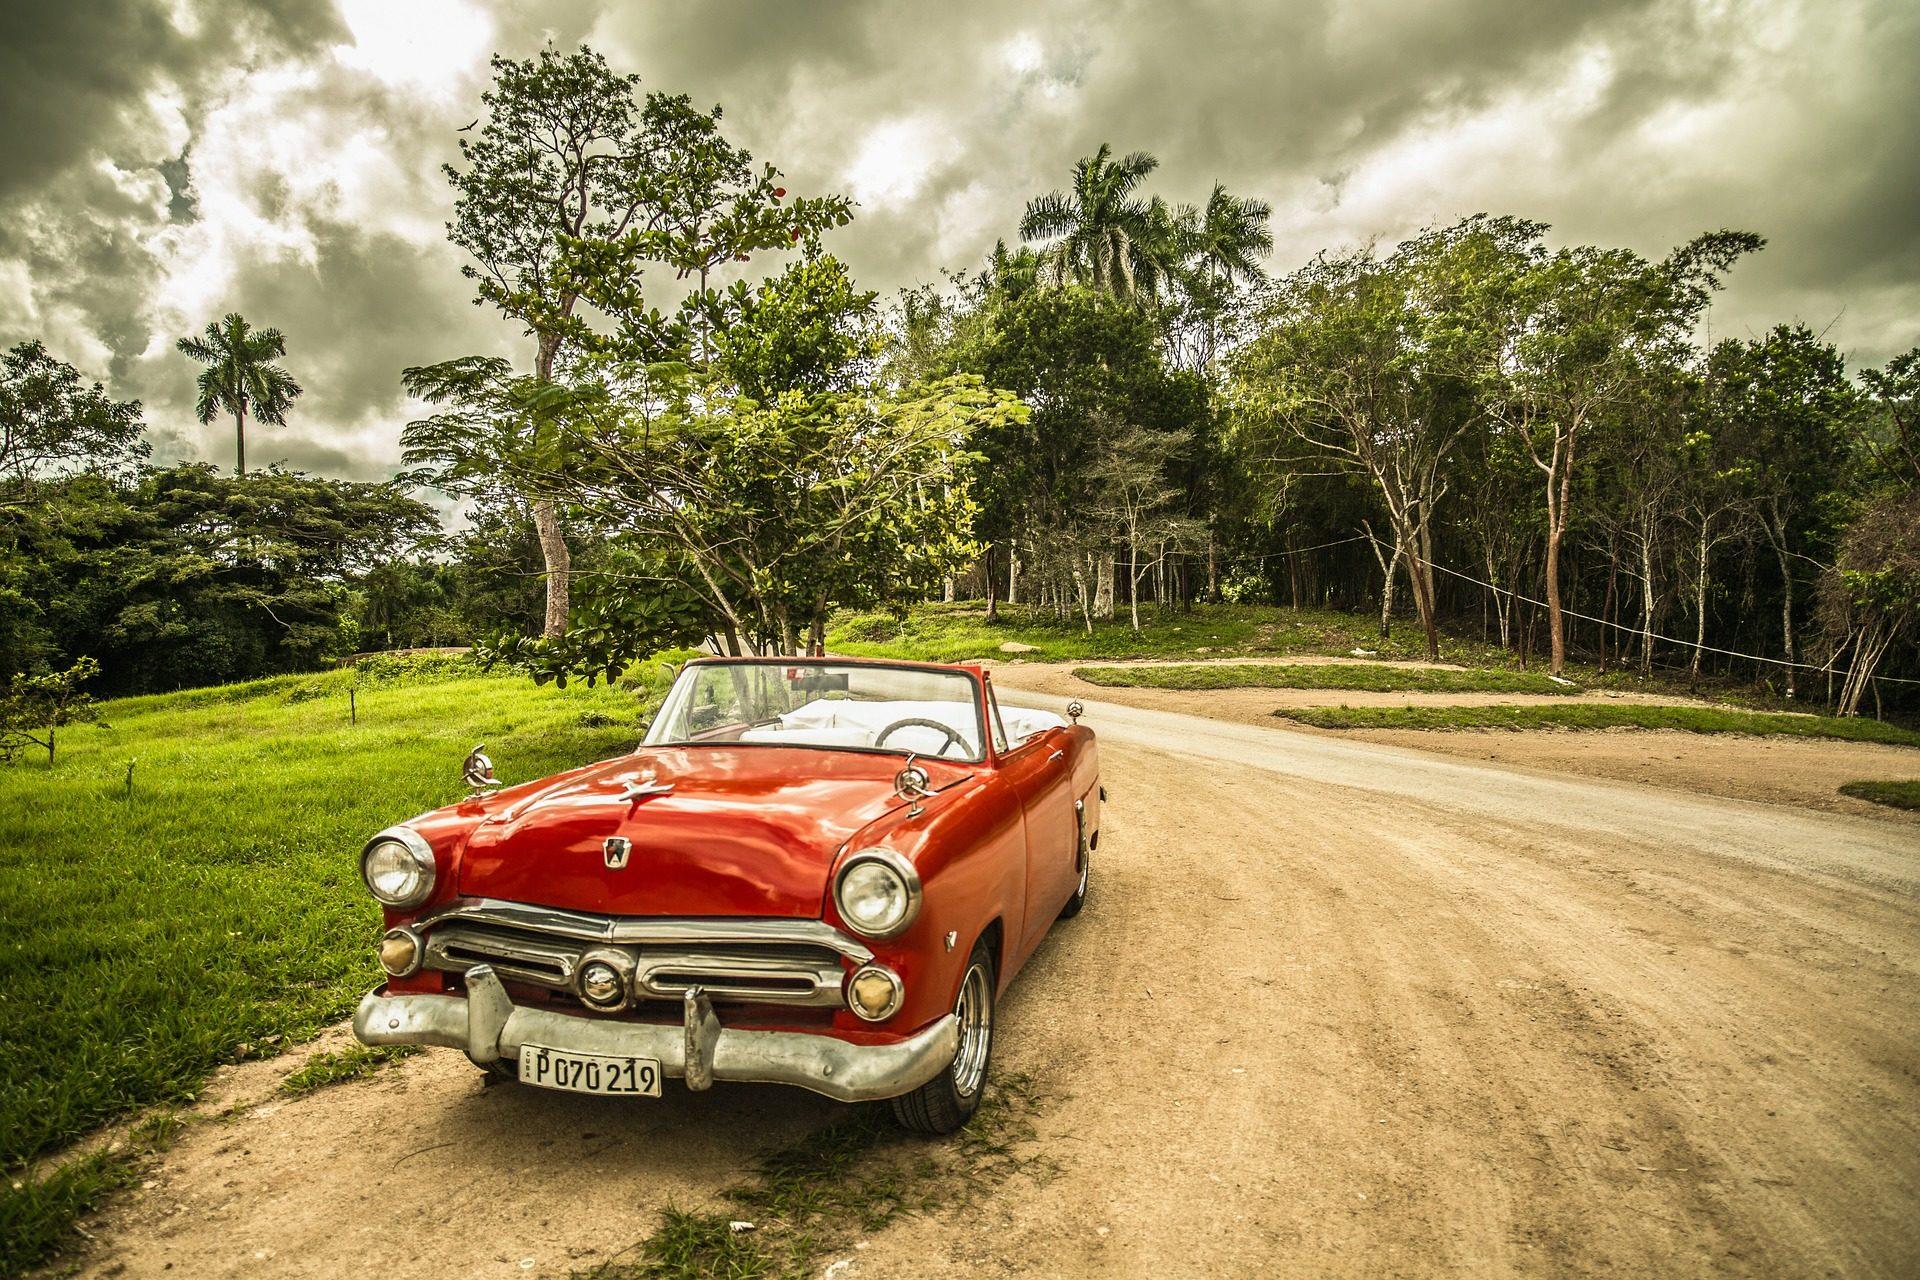 auto, Strada, foresta, nuvole, alberi - Sfondi HD - Professor-falken.com